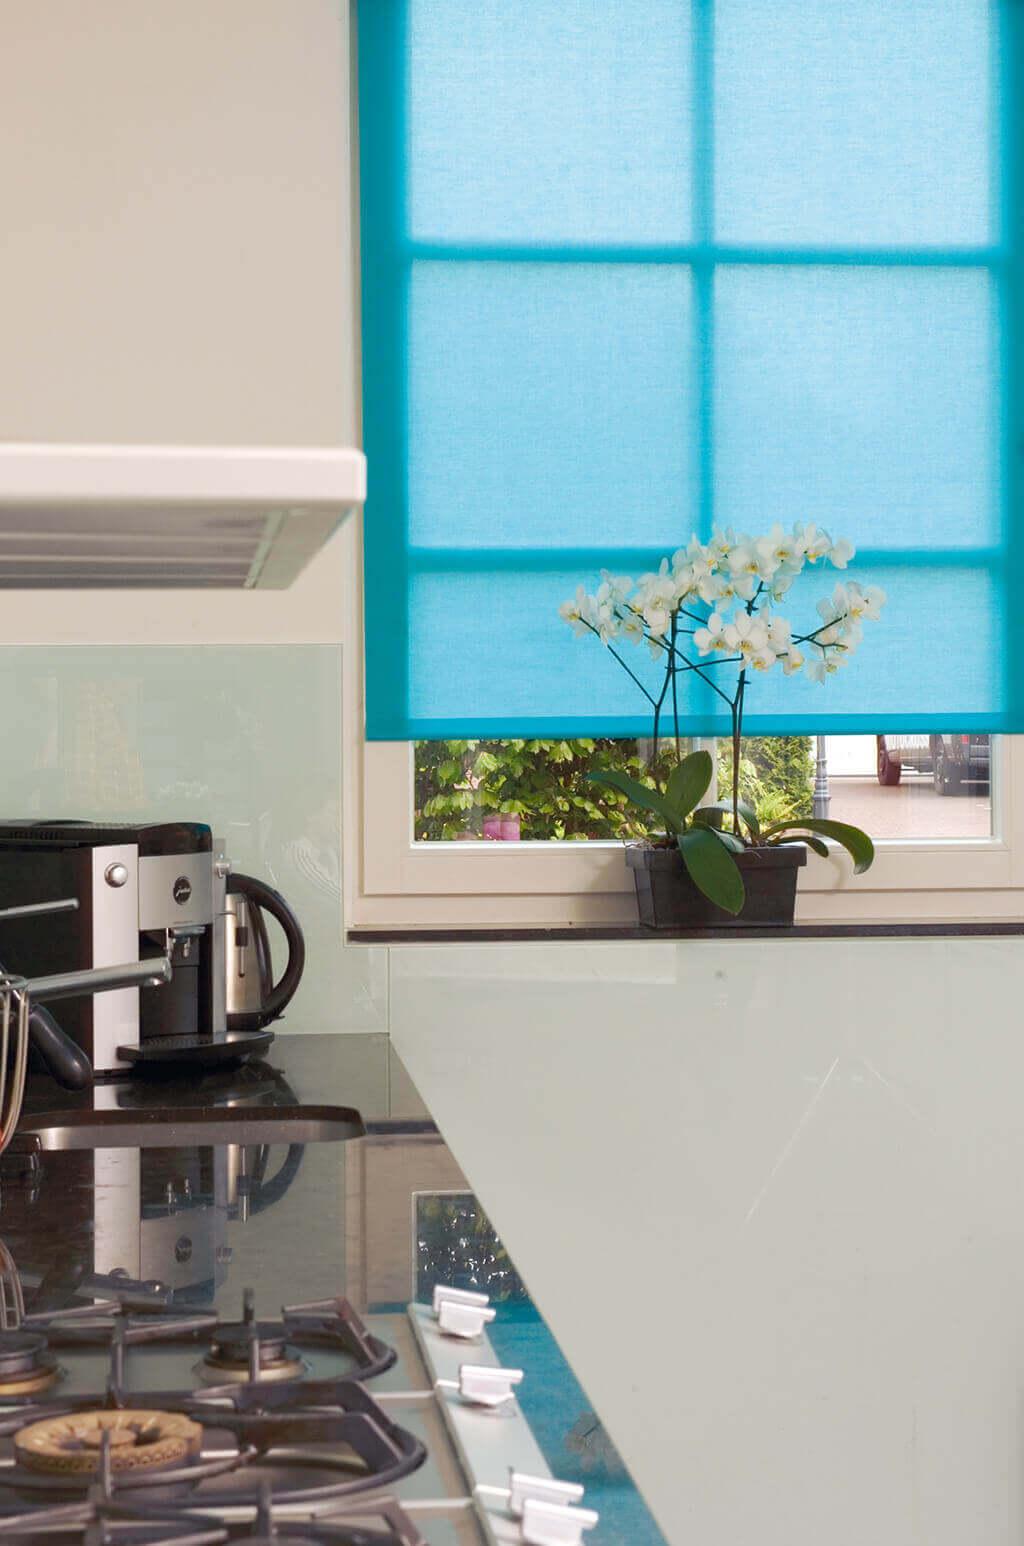 Blaues Rollo für farbenfrohe Akzente in der schlichten Küche